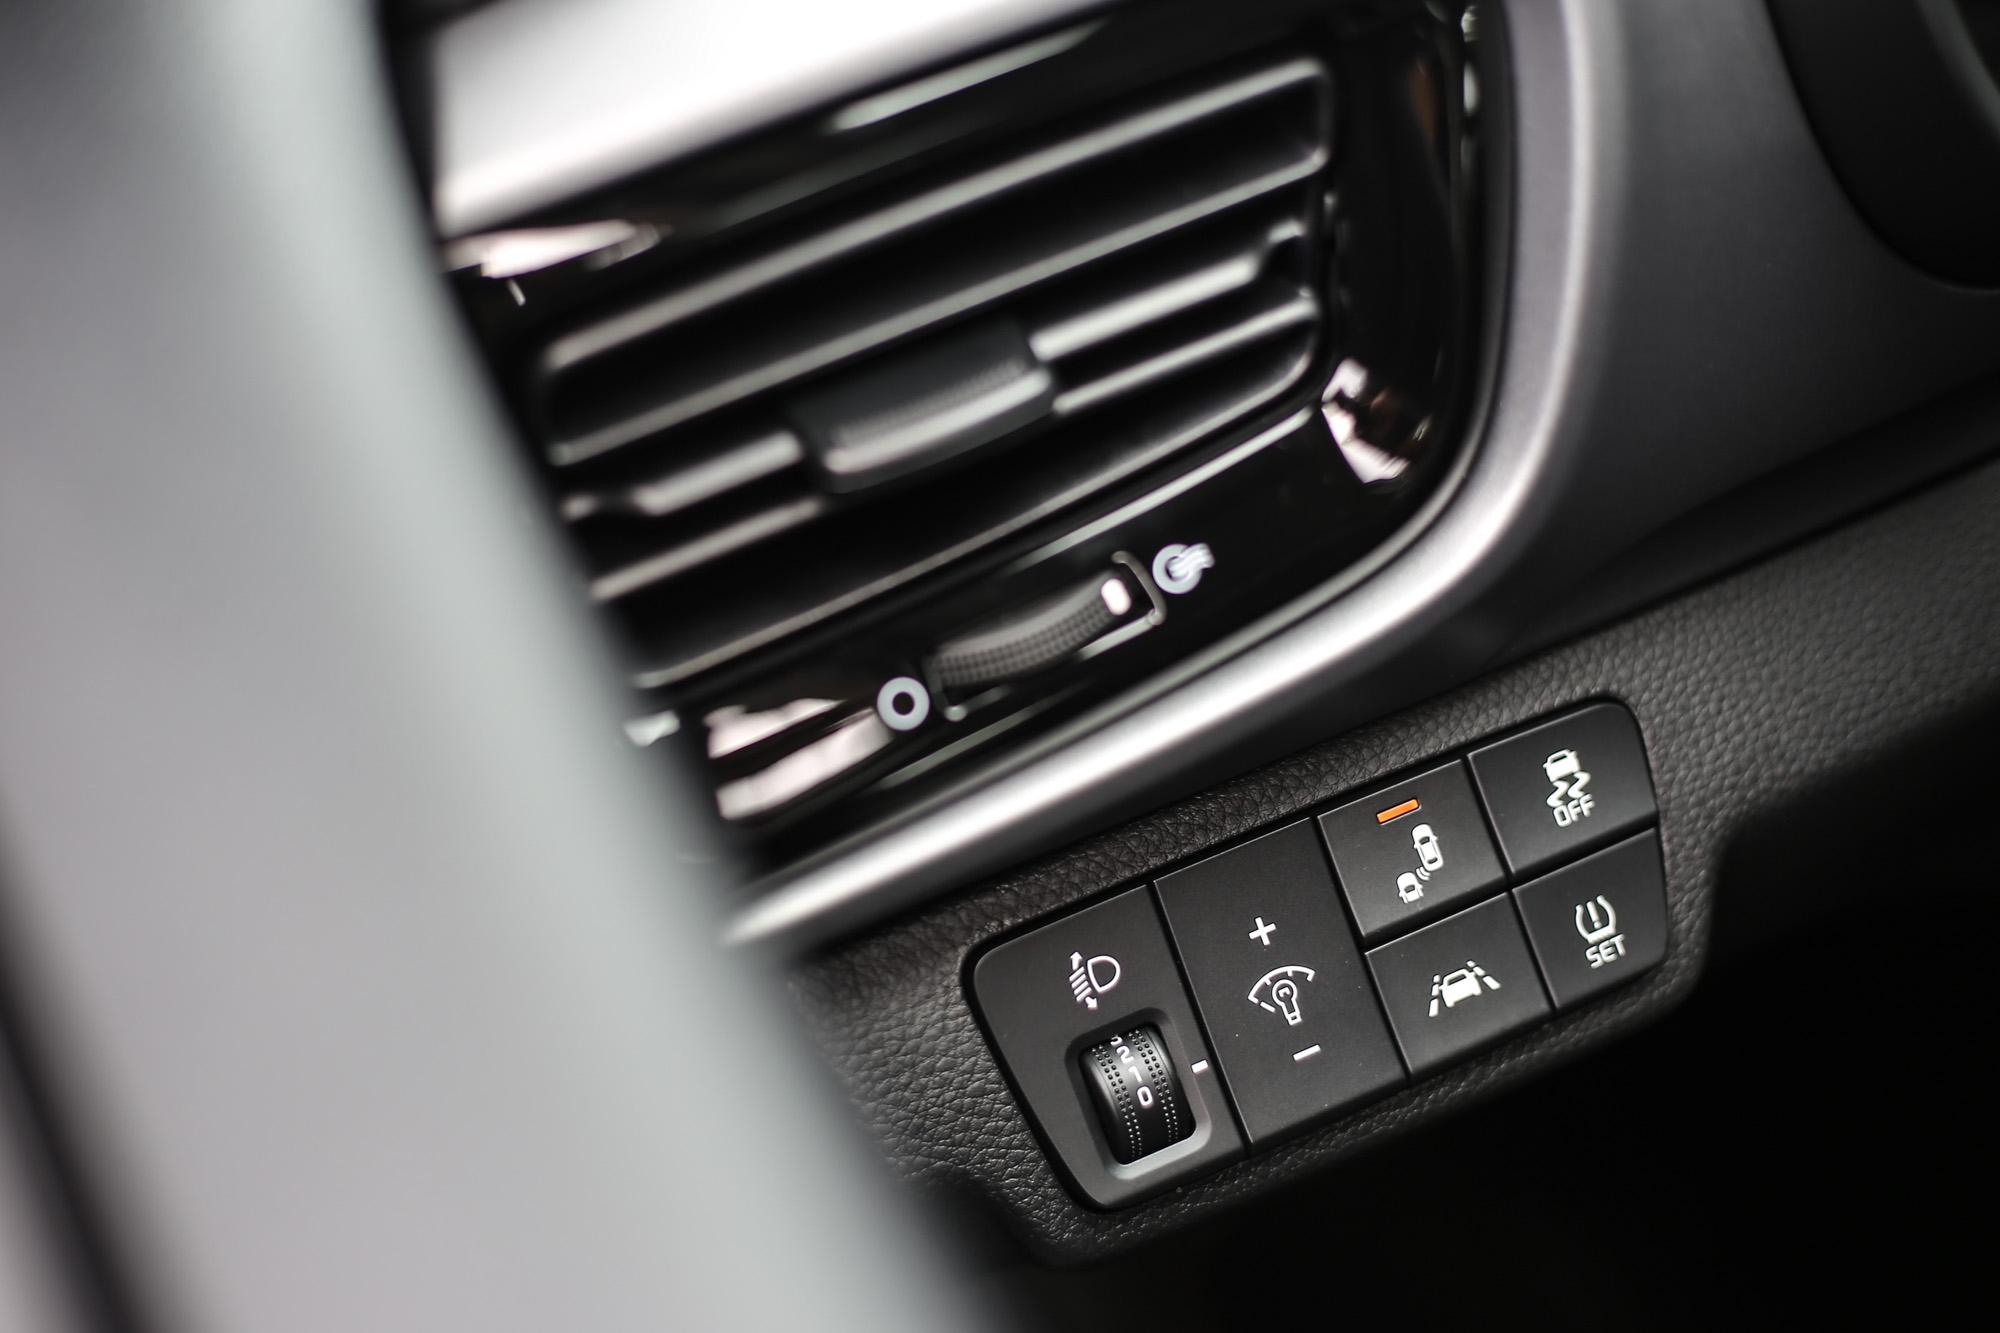 安全配備按鍵集中於方向盤左側。